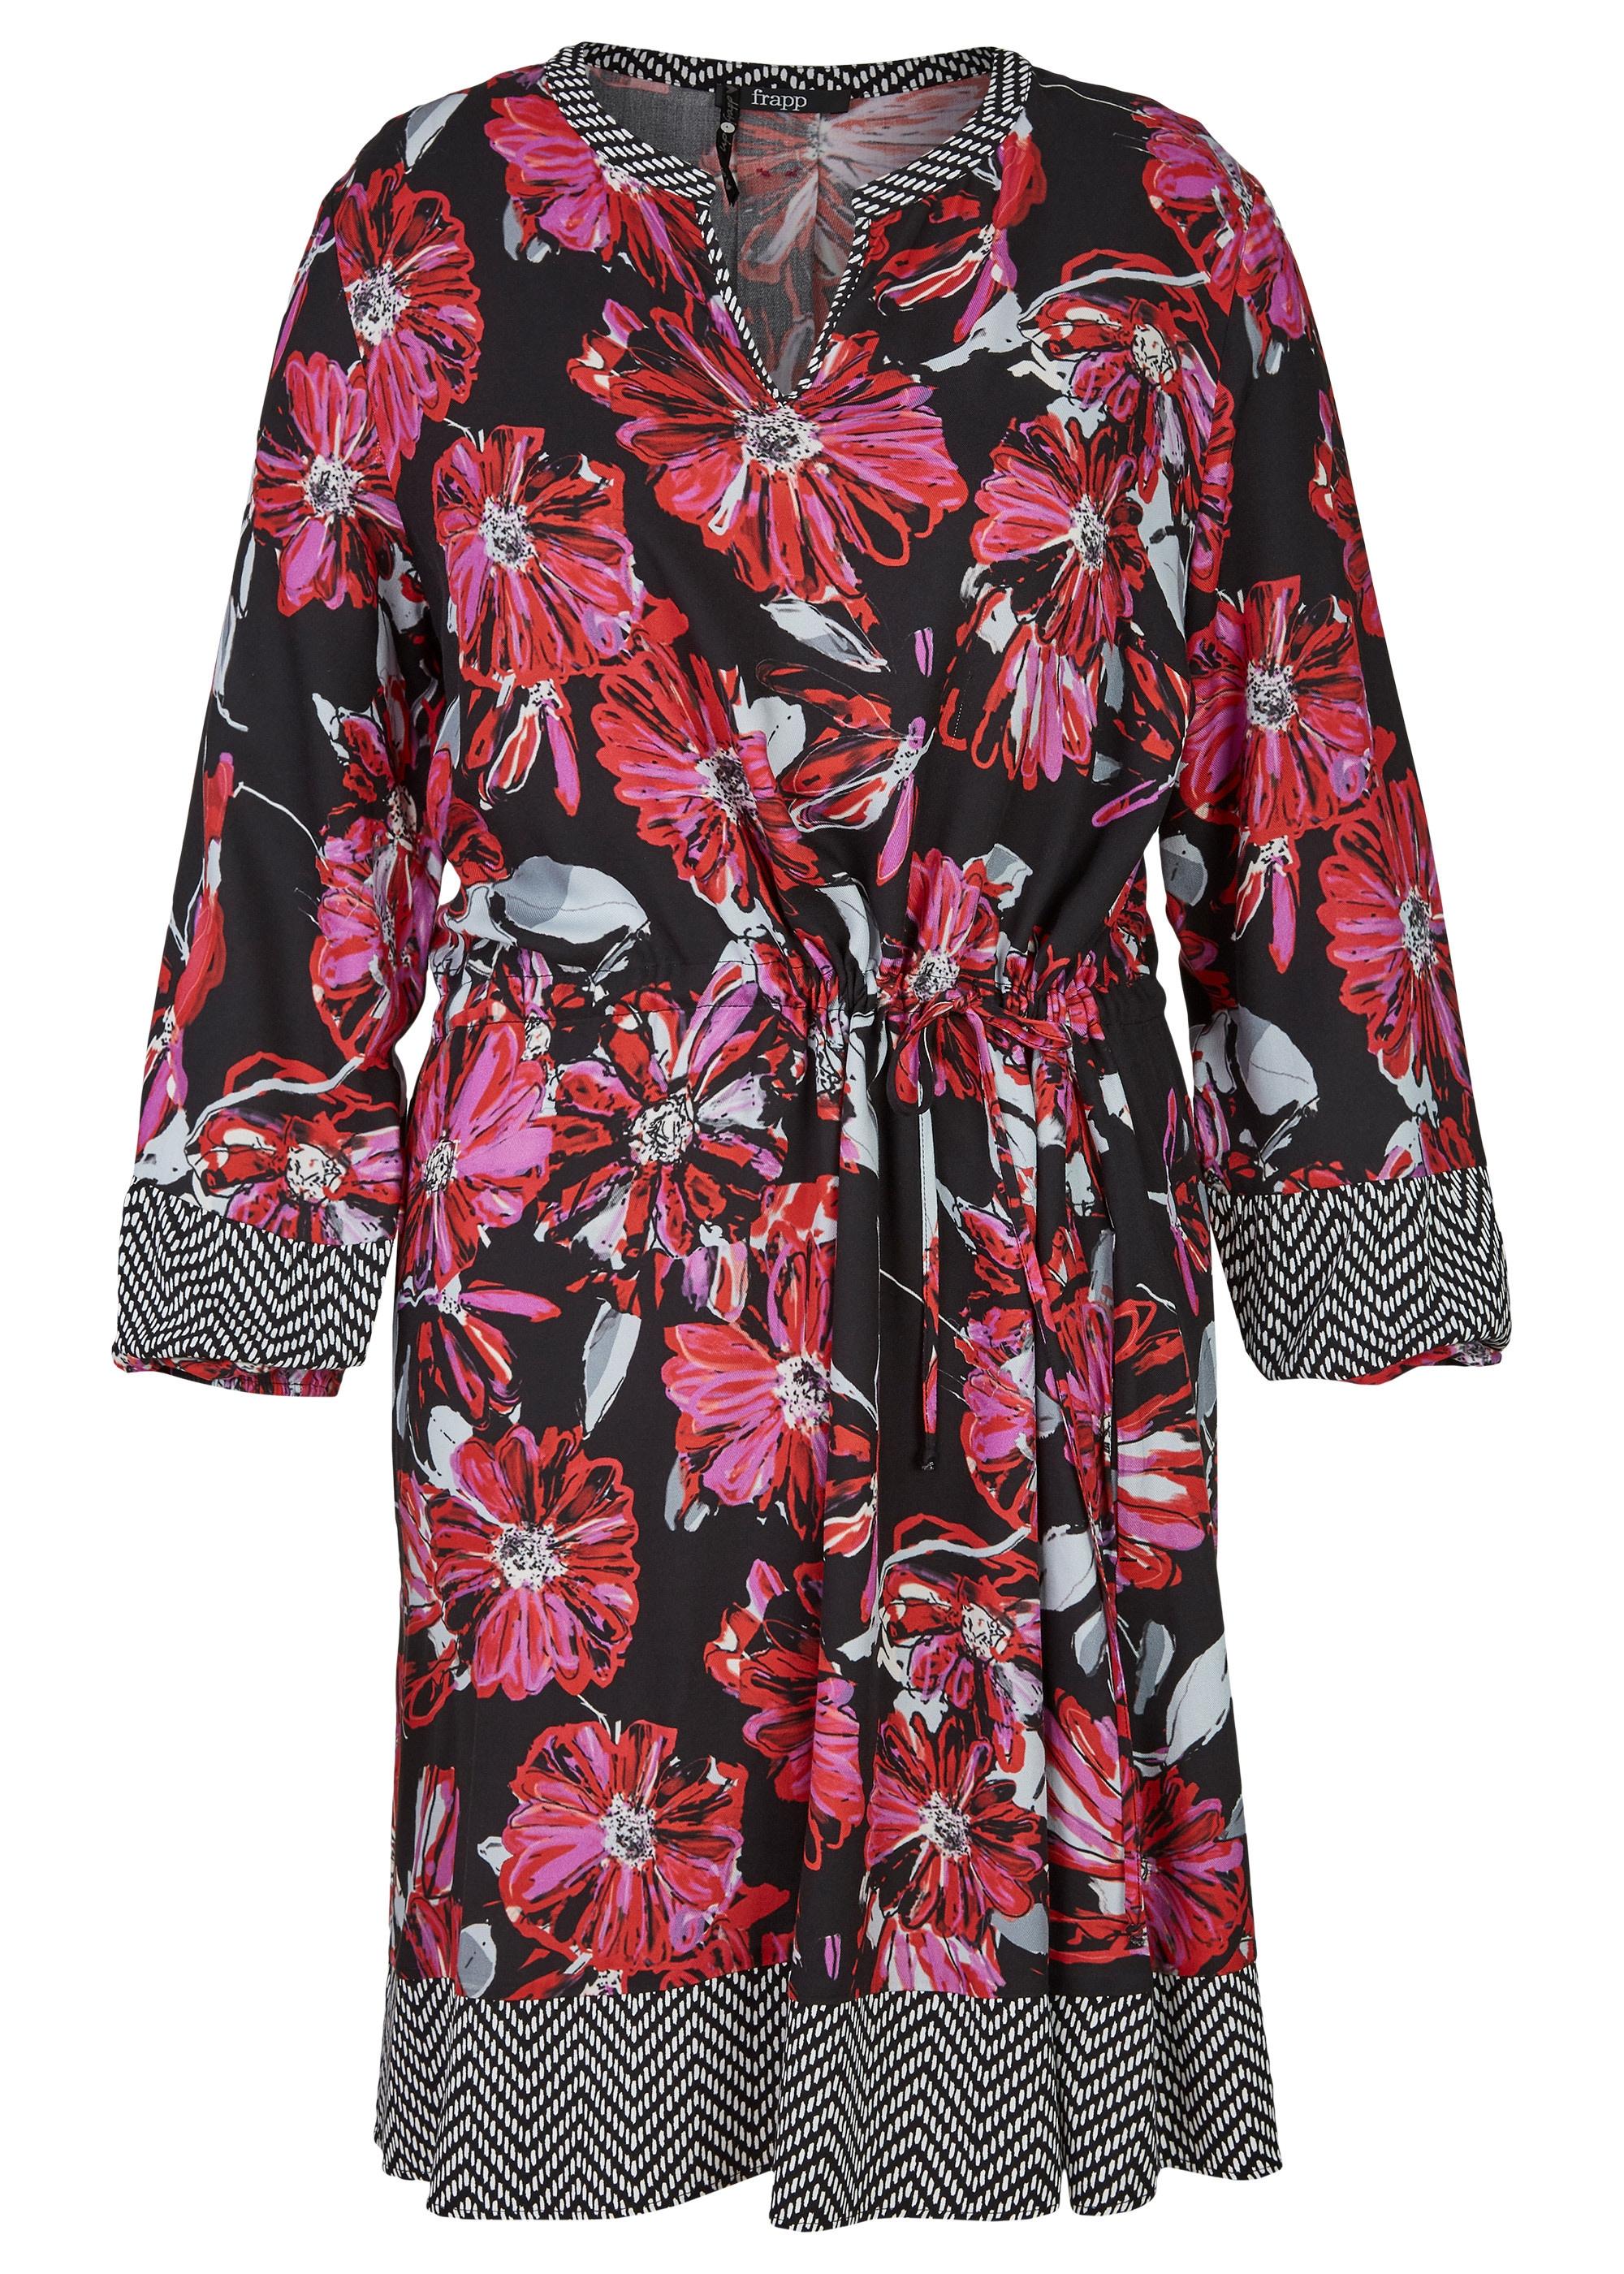 frapp -  Topmodisches Blusen-Kleid mit Allover-Mustermix